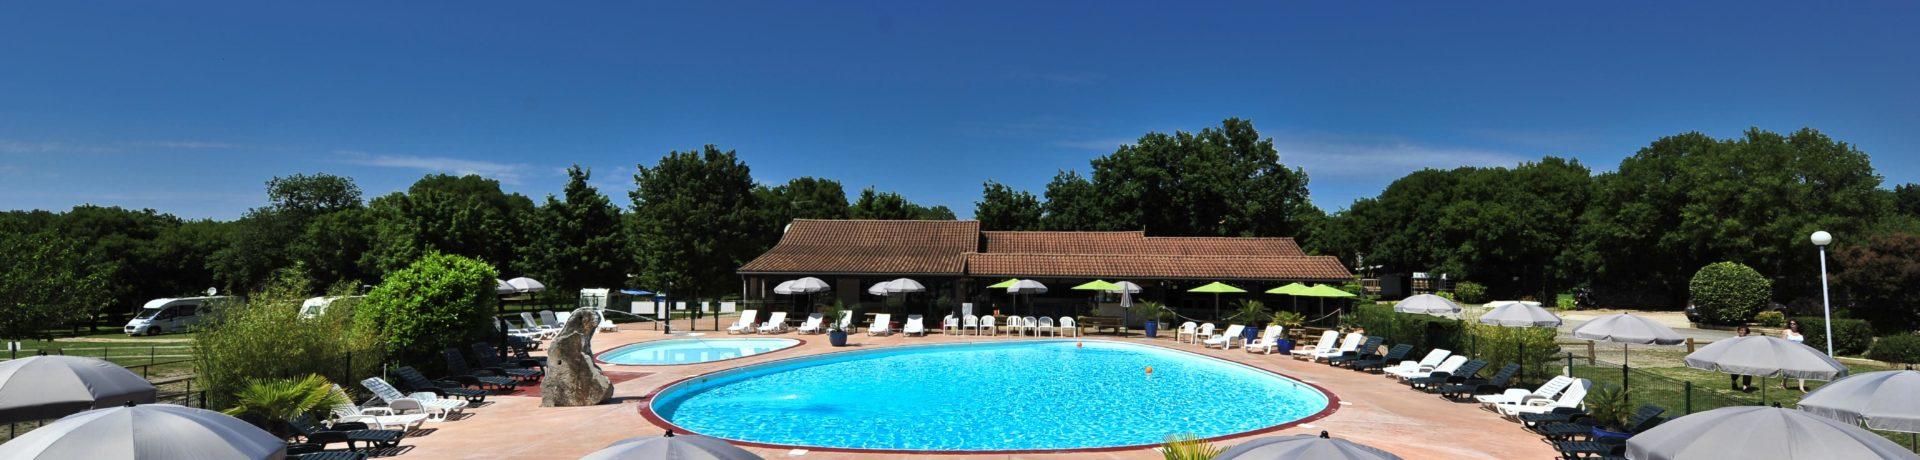 Camping Les Cigales in Rocamadour is een gezinscamping tussen de eikenbomen in de Lot, Midi-Pyrénées. Geniet van het zwembad en de vele activiteiten.